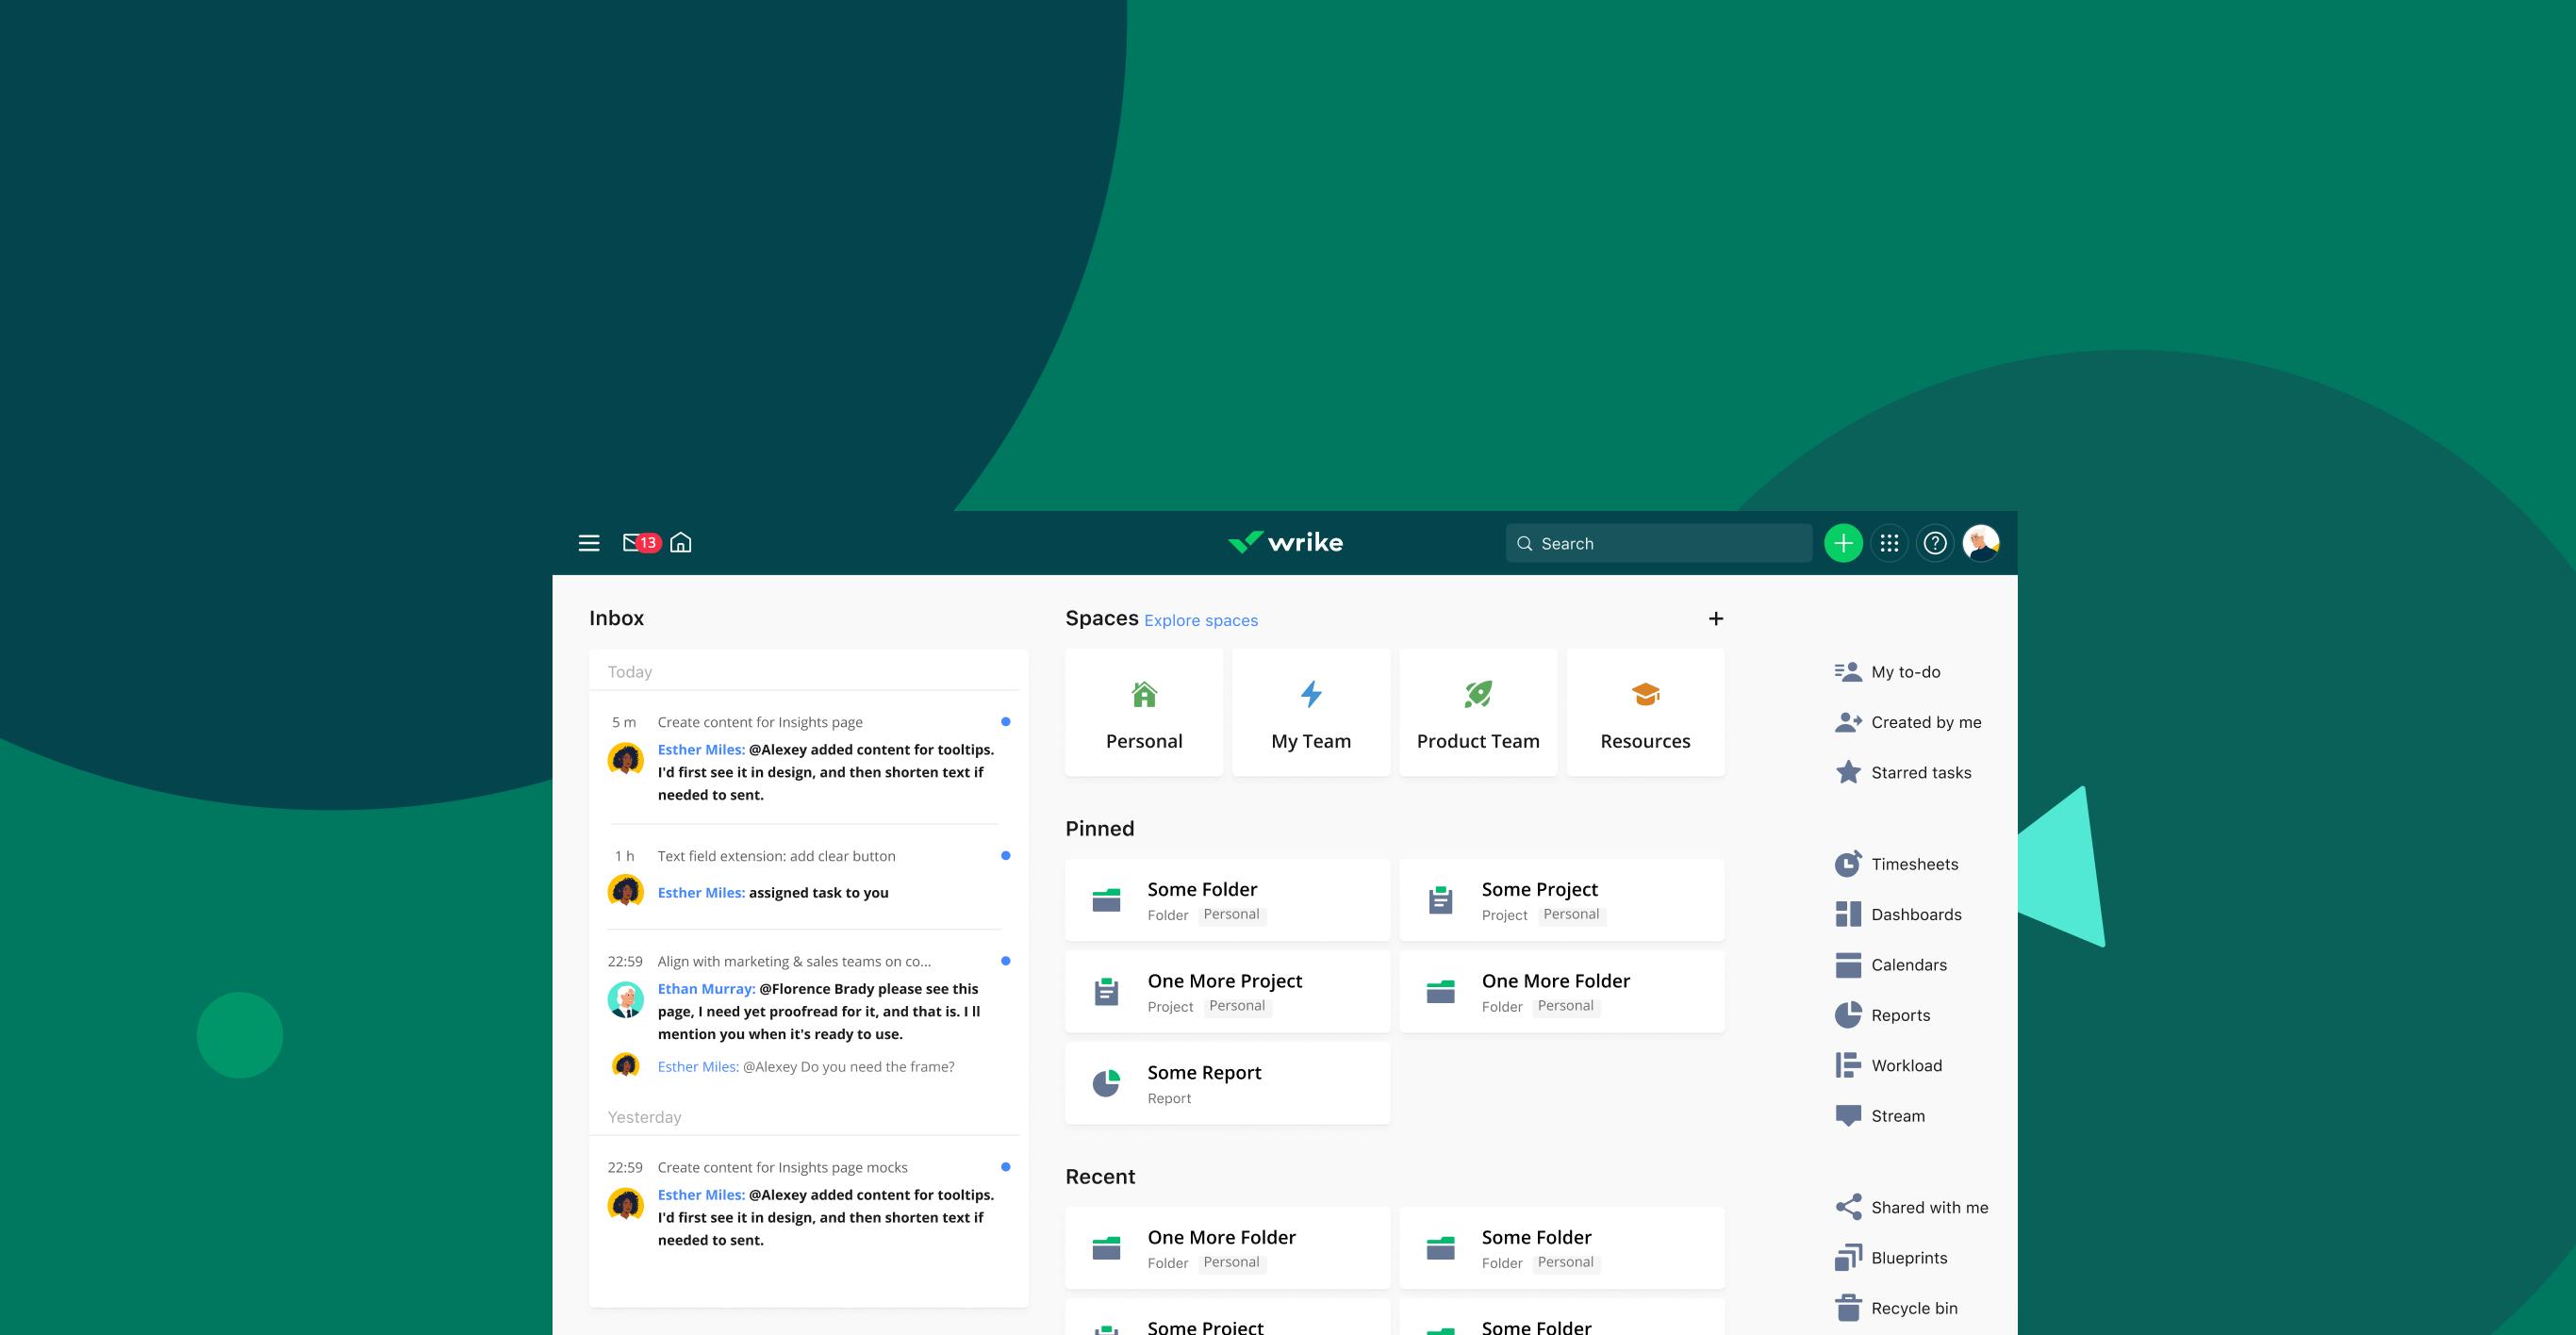 Opiniones Wrike: Un software fiable de gestión de proyectos - appvizer